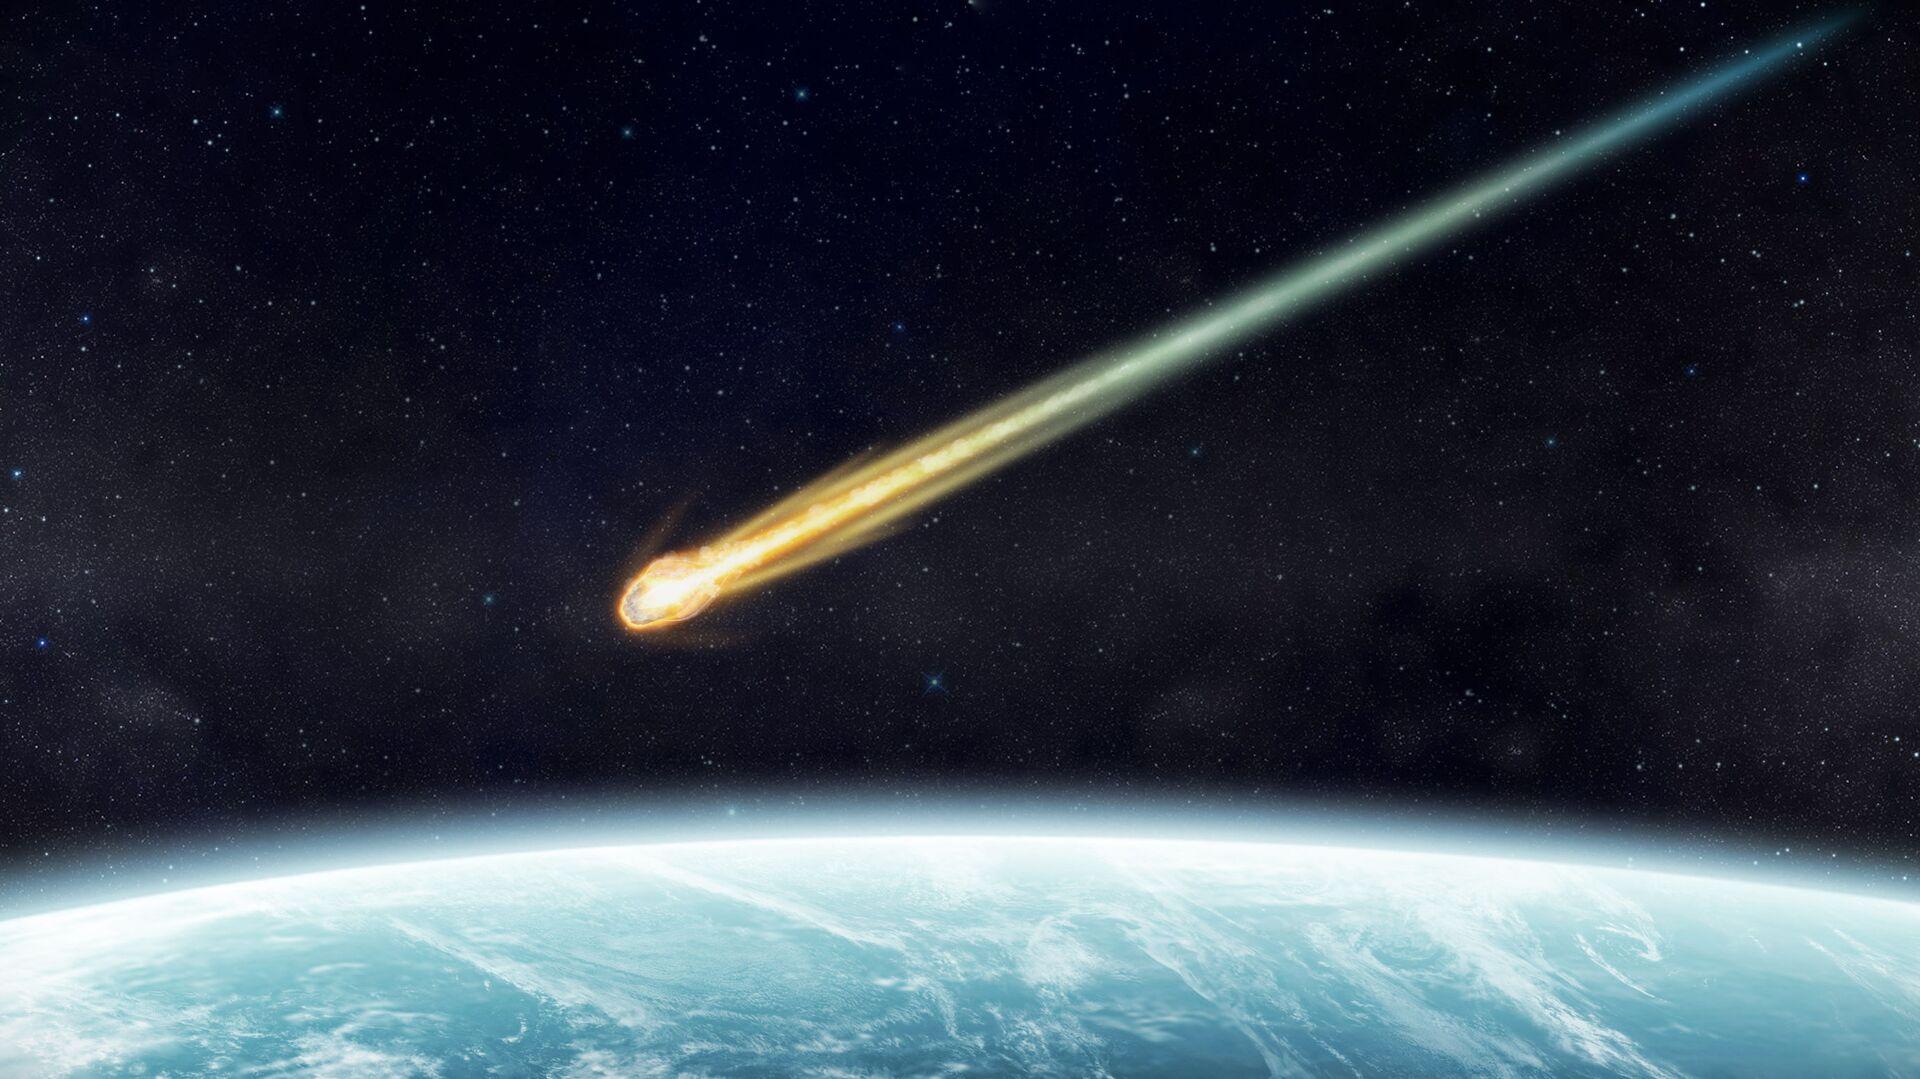 Meteorit. Ilustrační foto - Sputnik Česká republika, 1920, 25.04.2021